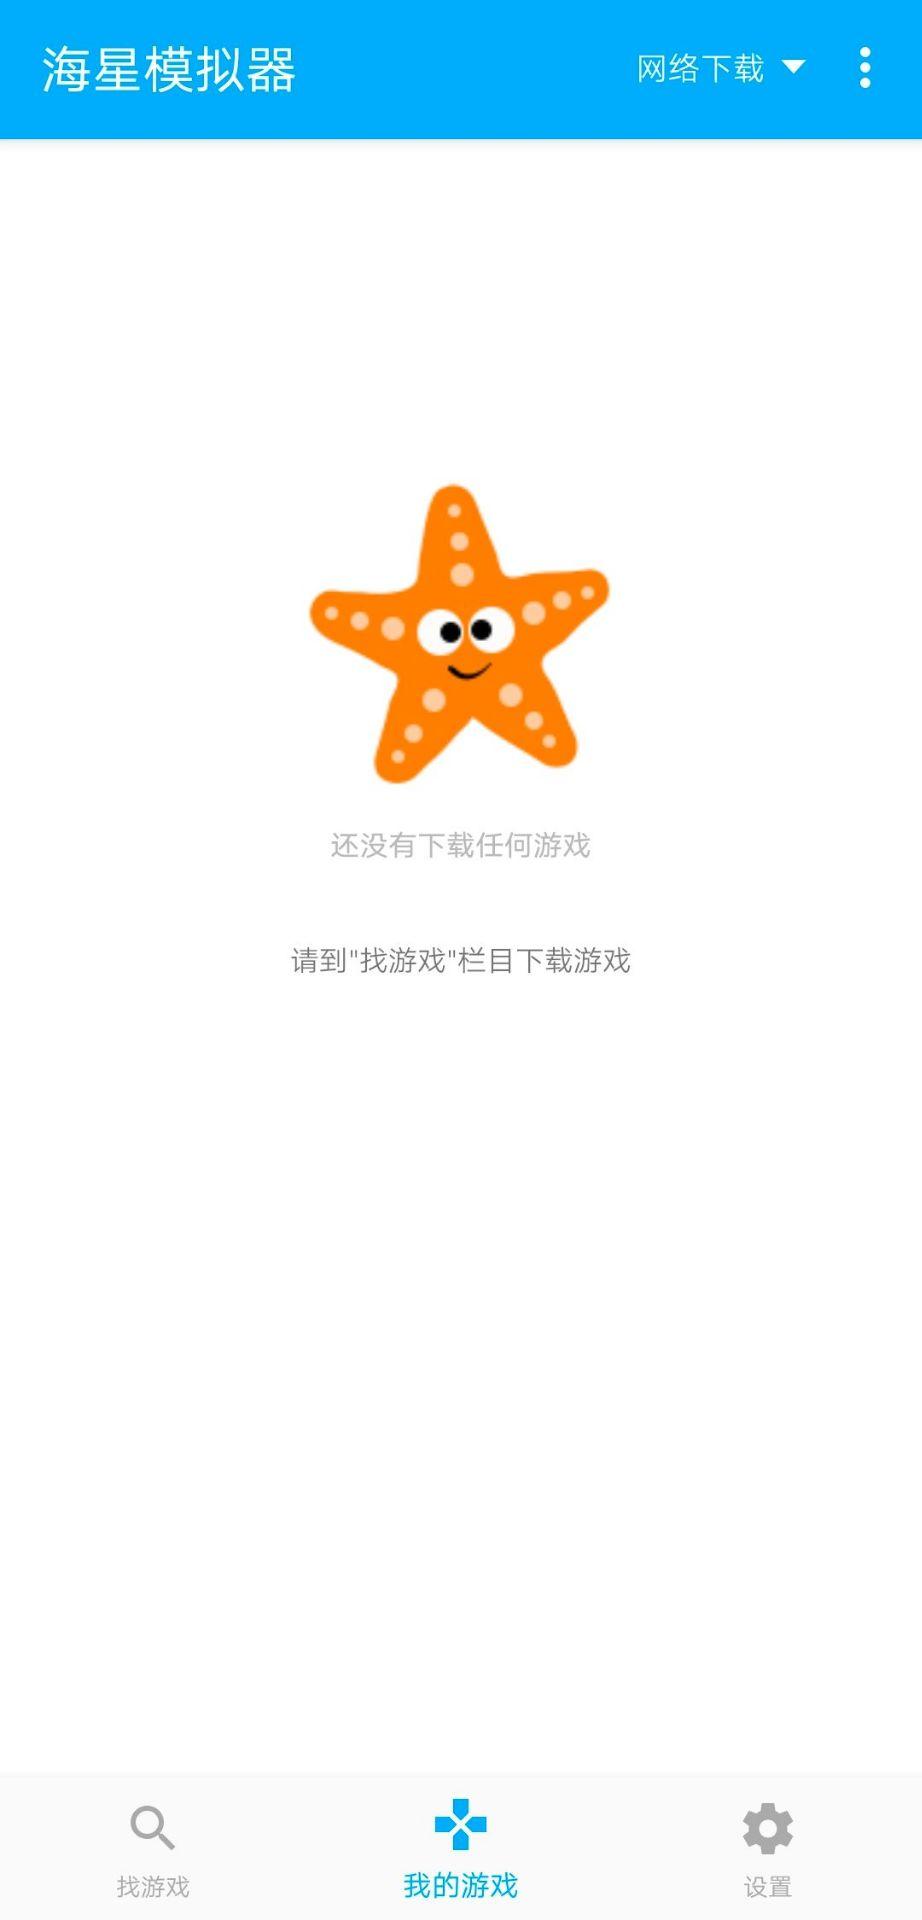 【软件分享】海星模拟器最新vip版回忆童年游戏/重量来袭-爱小助